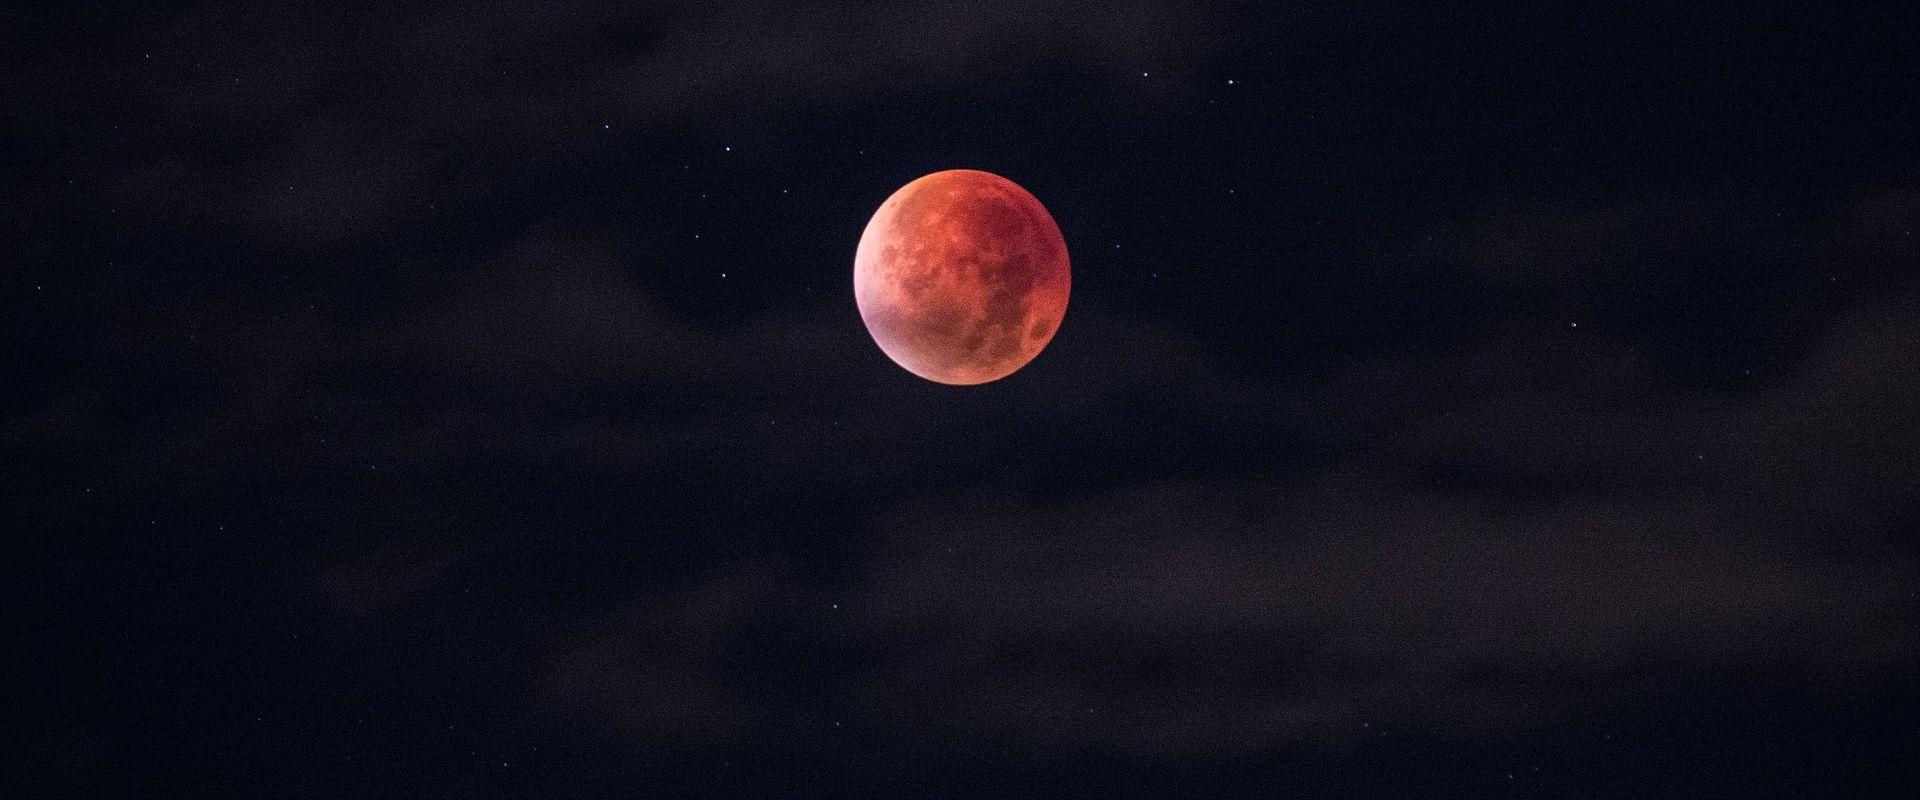 Usklađeni Crveni planet i 'krvavi Mjesec' zadivit će promatrače